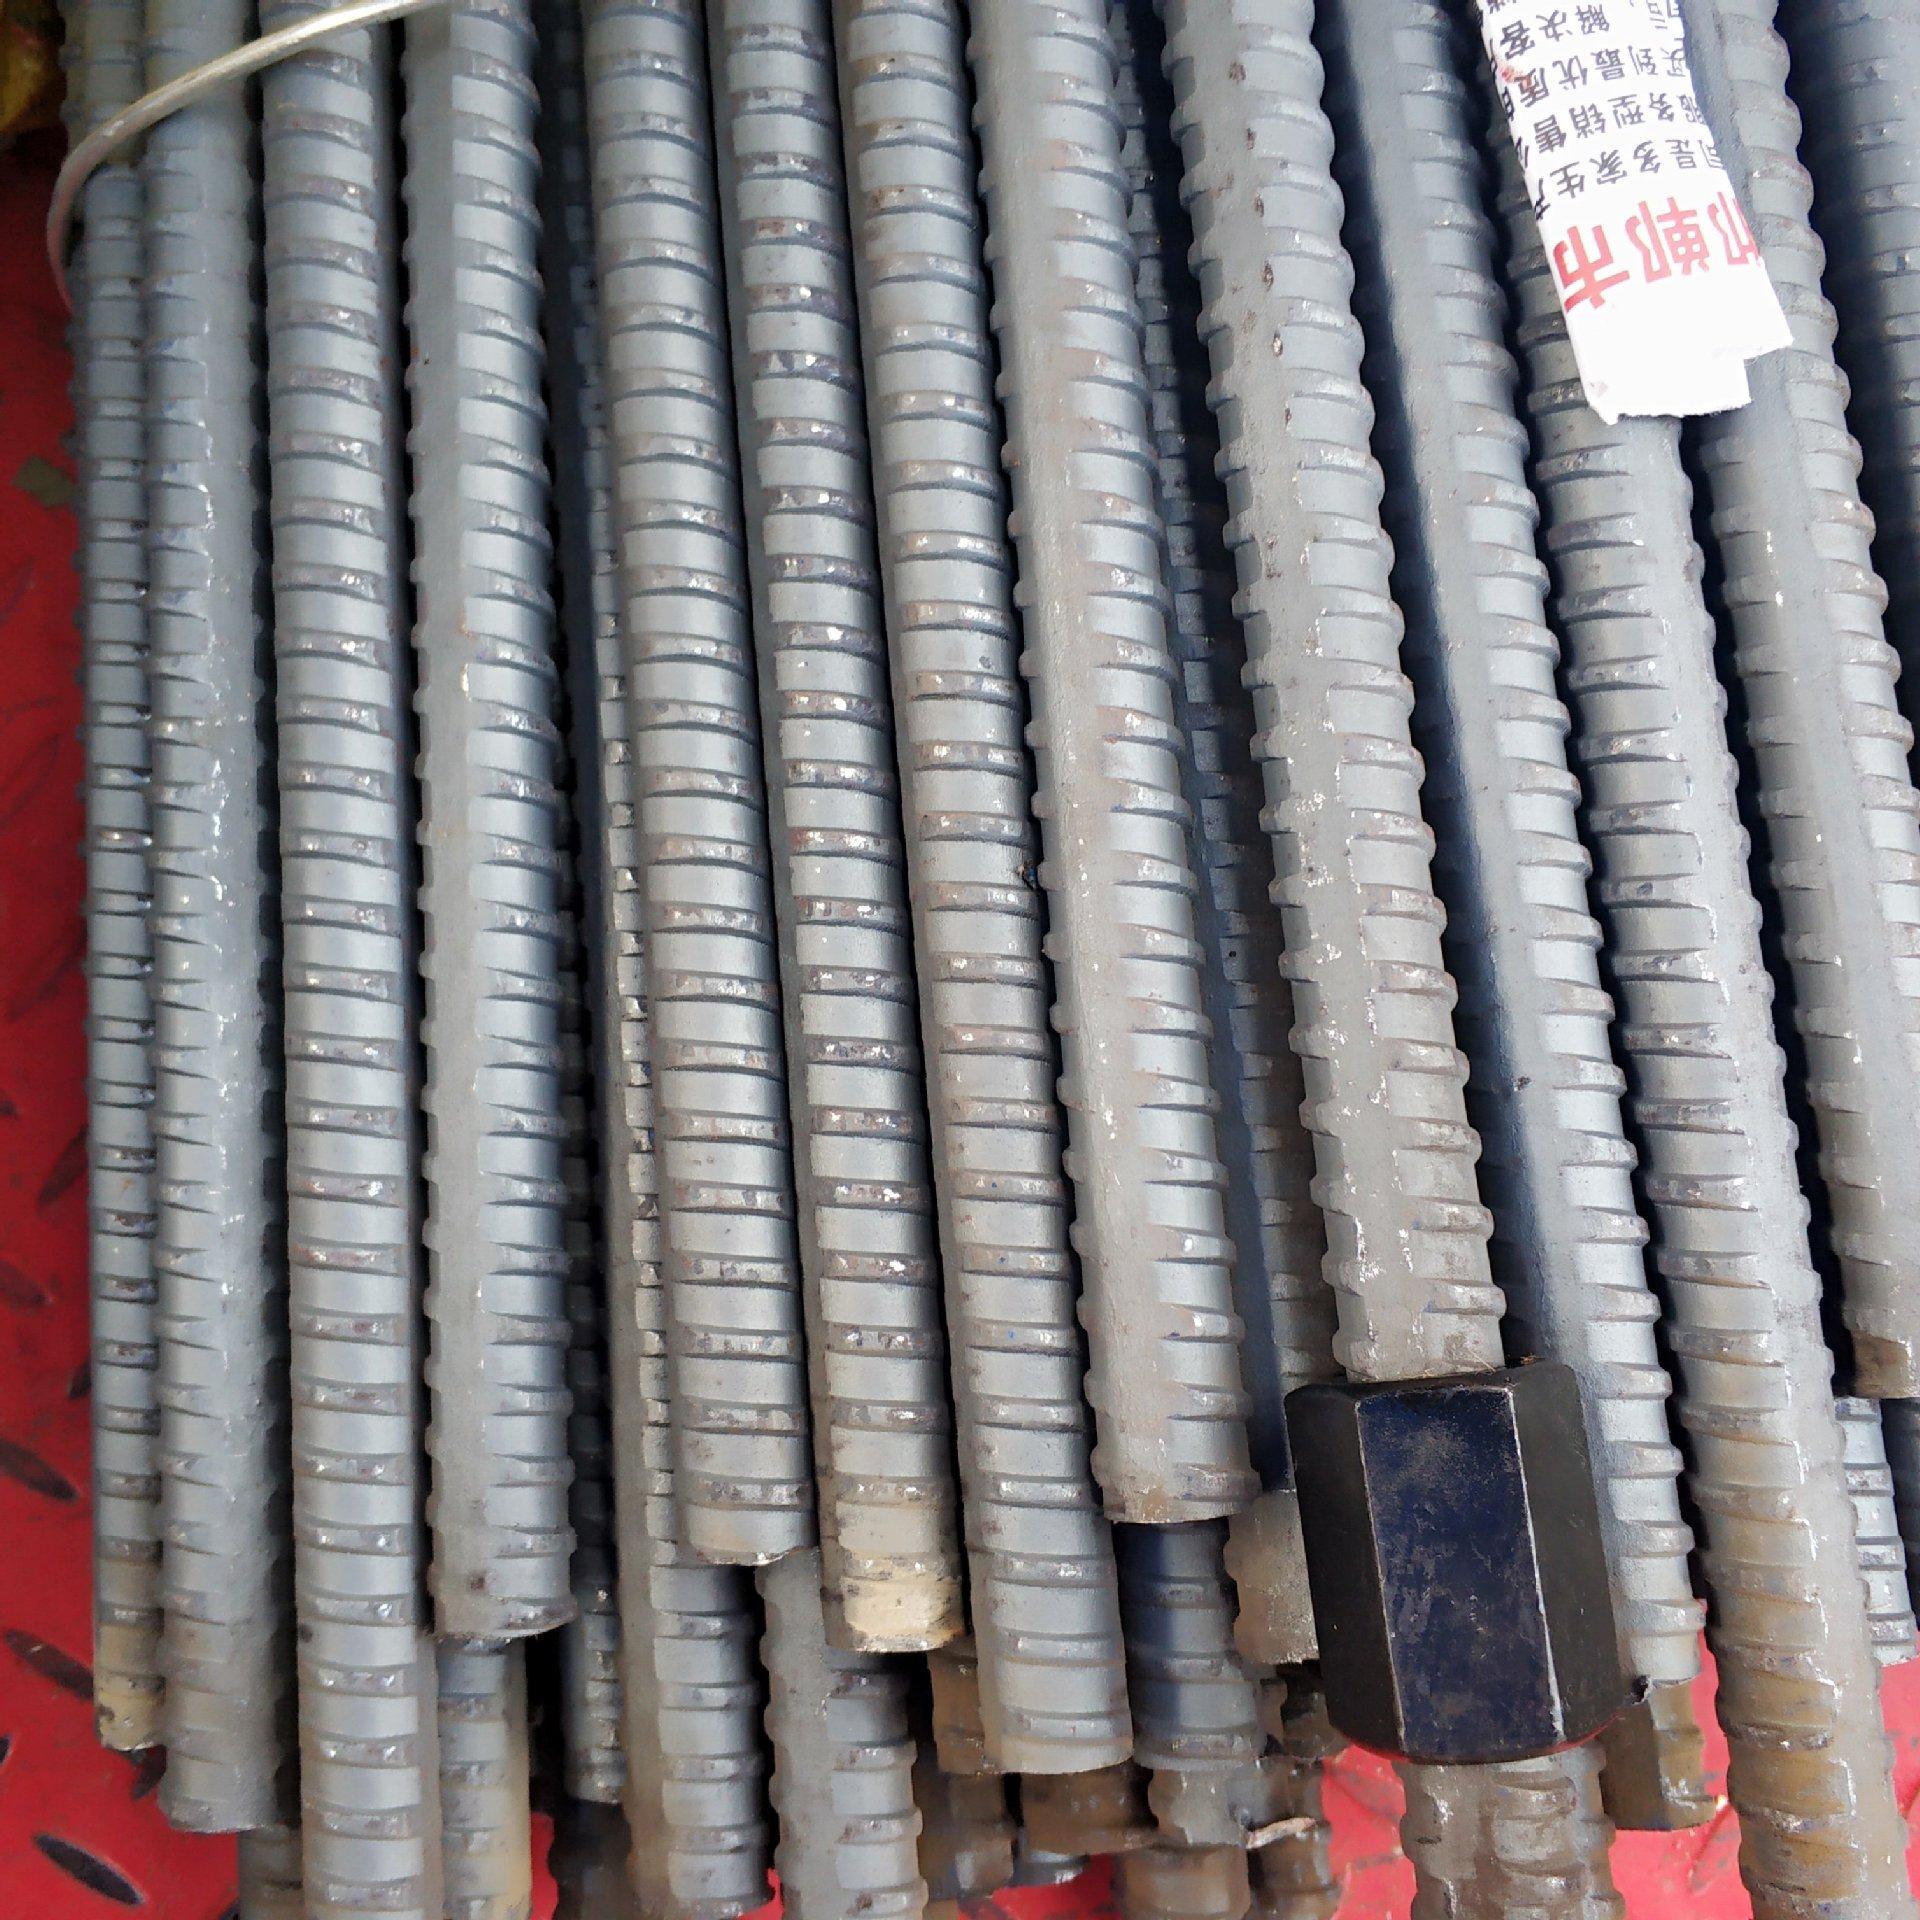 HRB400 rebar / HRB400 finish rolled rebar / rebar nut / square gasket